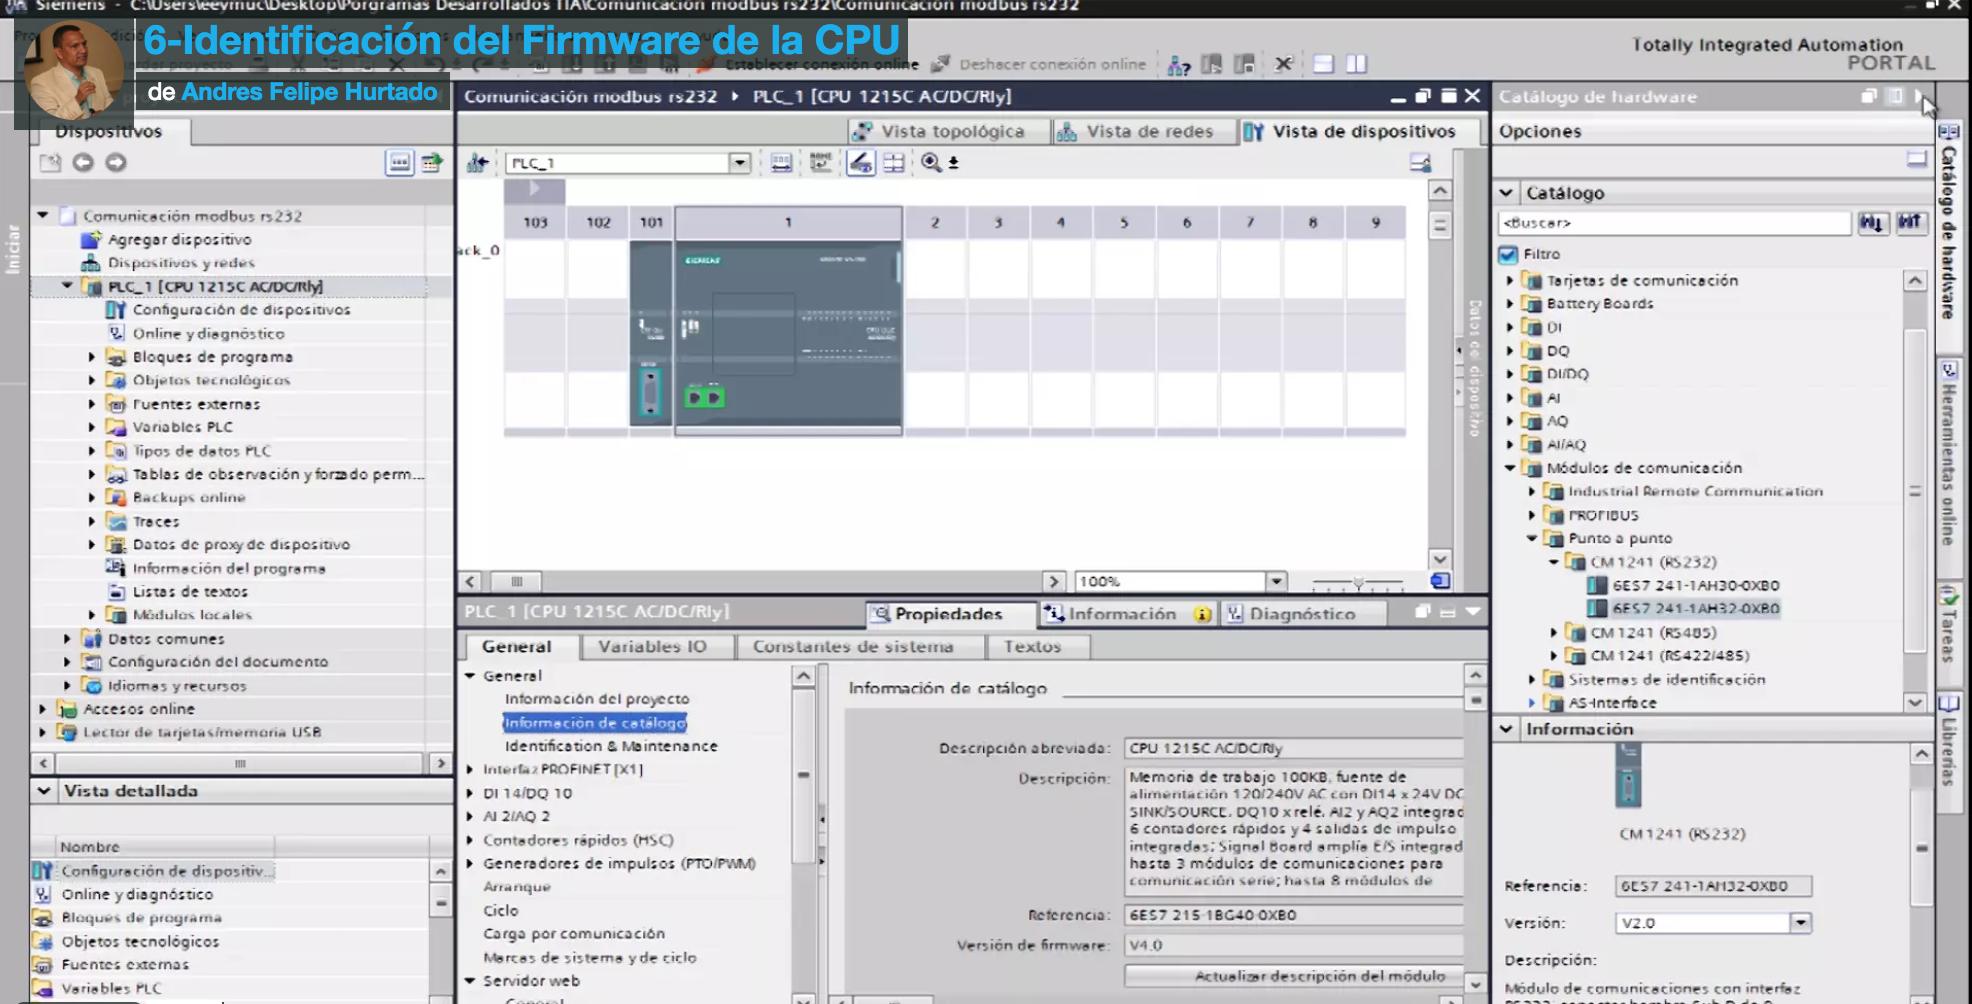 Curso eeymuc-módulo cm1241 rs232-revisión firmware